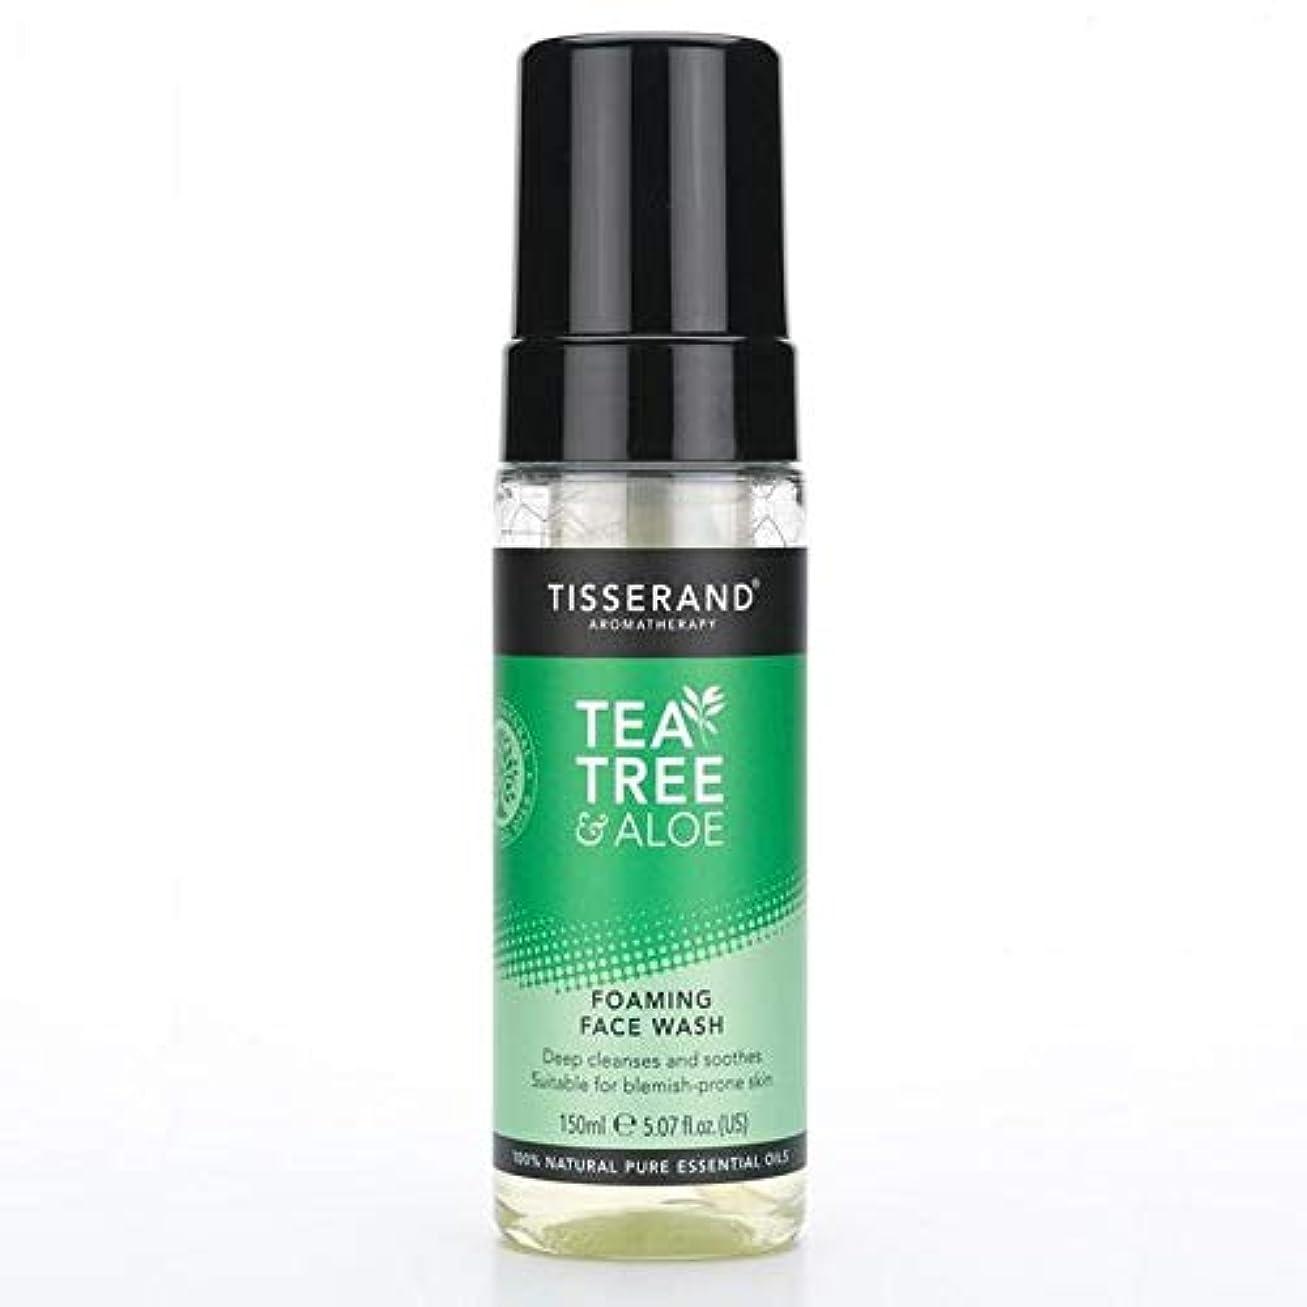 を除く陰謀マルクス主義[Tisserand] 洗顔料の150ミリリットルを発泡ティスランドティーツリー&アロエ - Tisserand Tea Tree & Aloe Foaming Face Wash 150ml [並行輸入品]